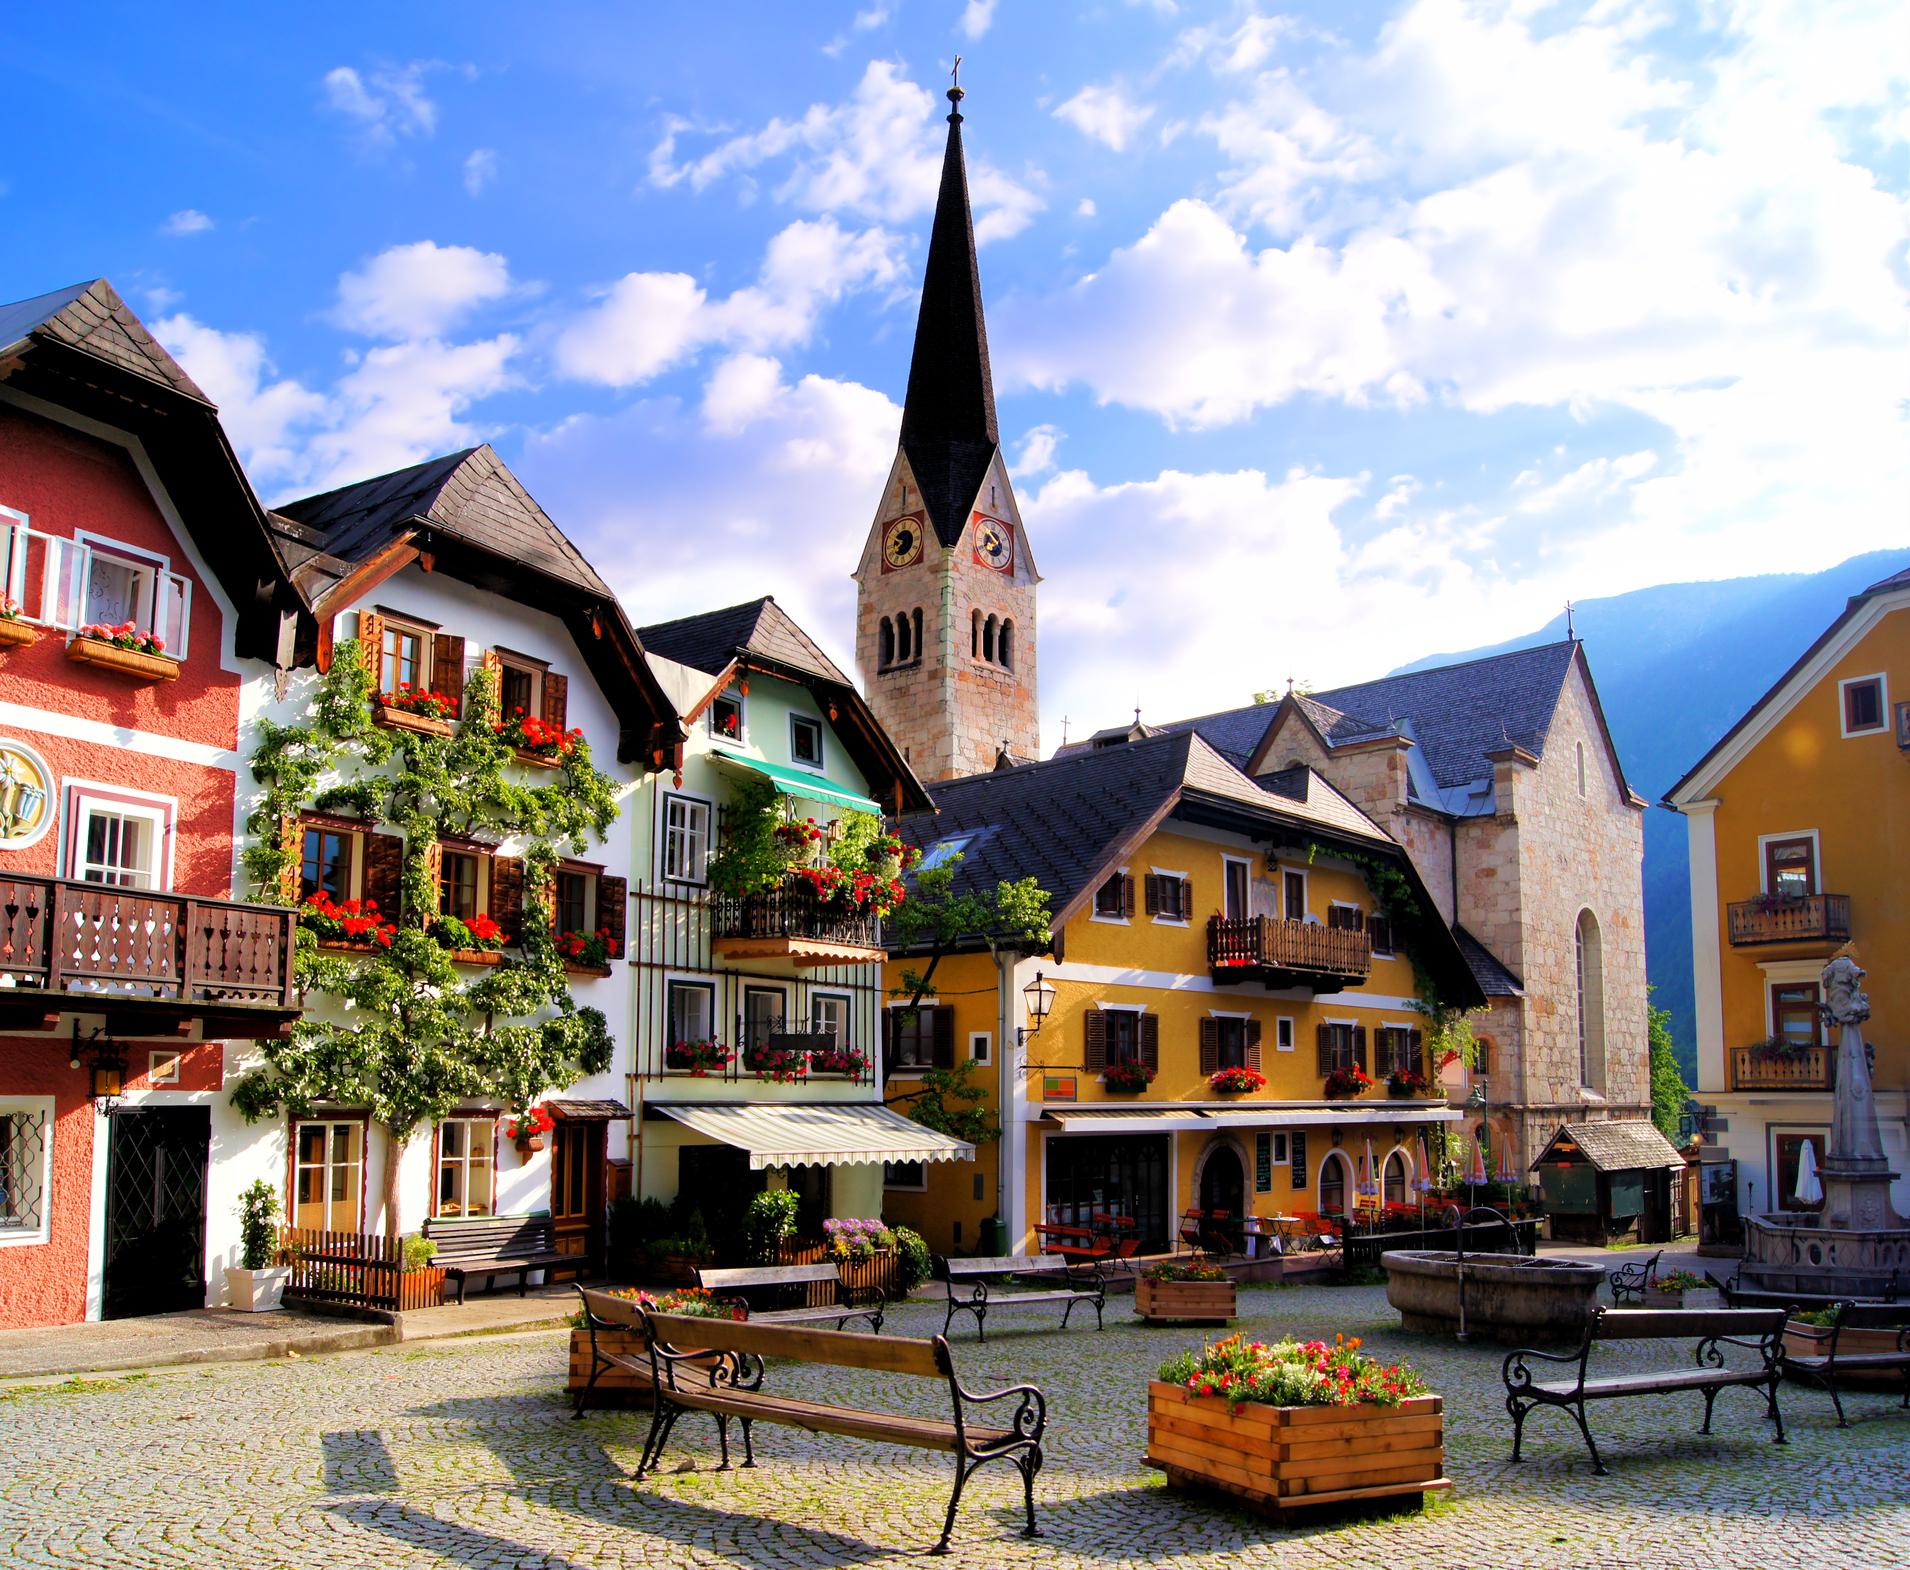 Халщат, Австрия<br /> Халщат се намира в Горна Австрия, в района Халщат – Дахщайн, или по-точно - Салцкамергут (Salzkammergut), на югозападния бряг на едноименното езеро.